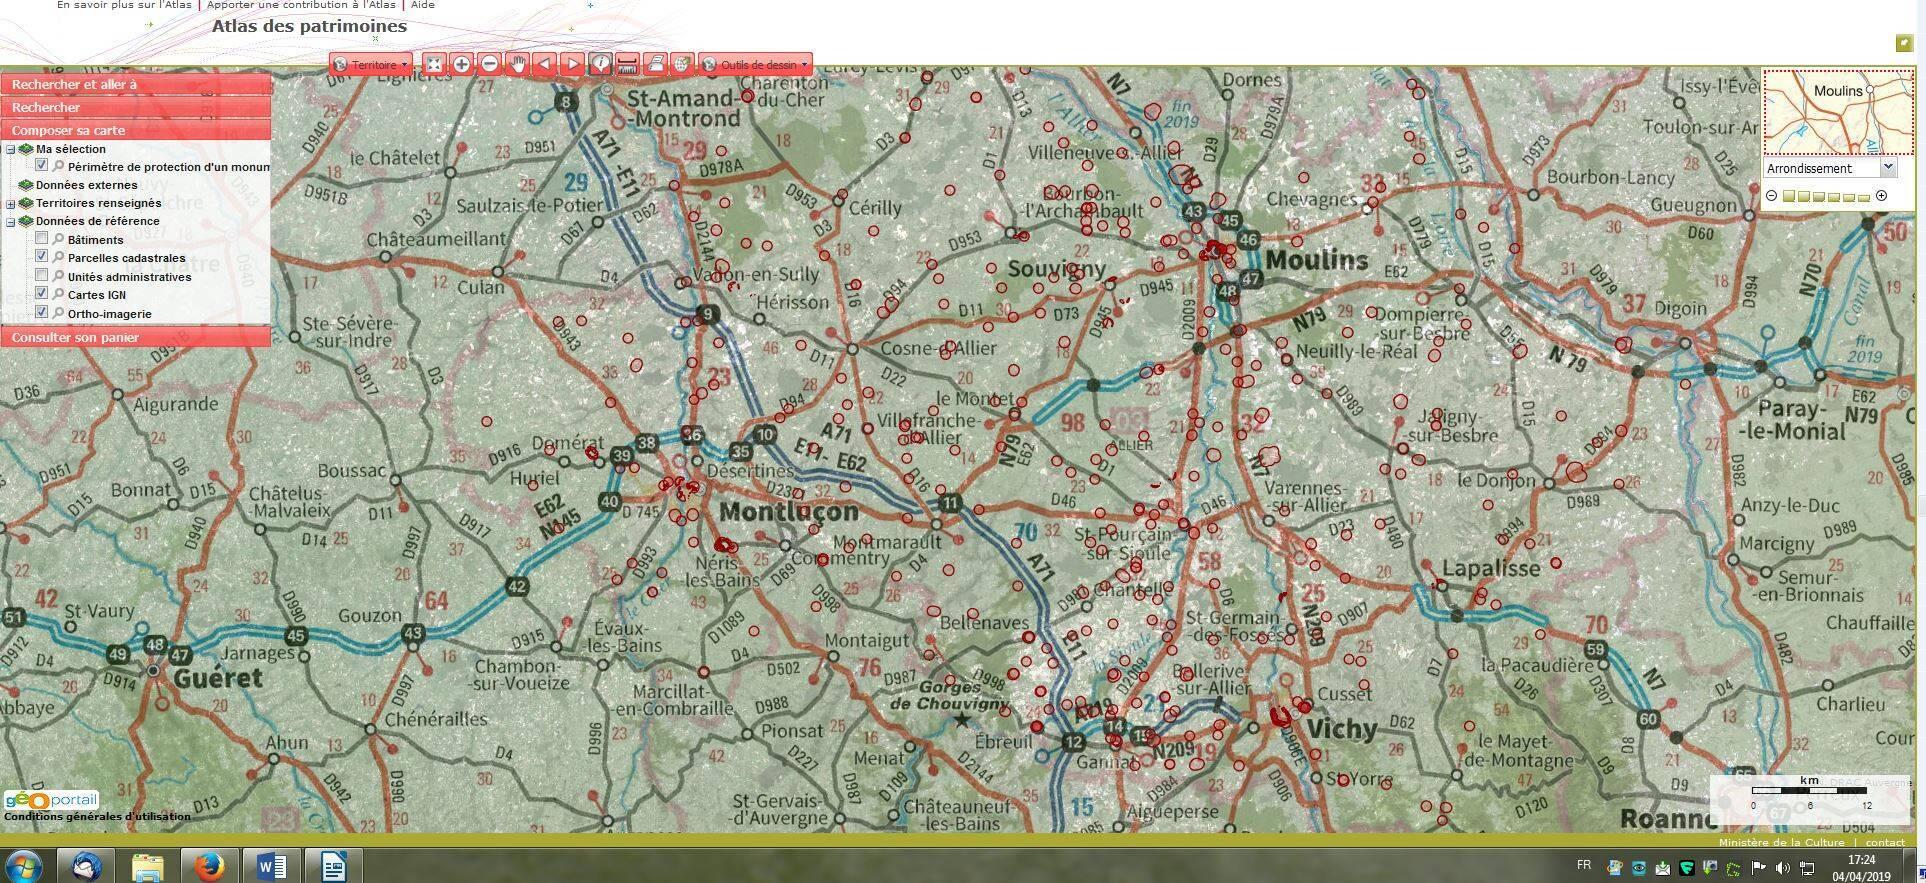 carte des périmètres de protection de monument historique Atlas des patrimoines